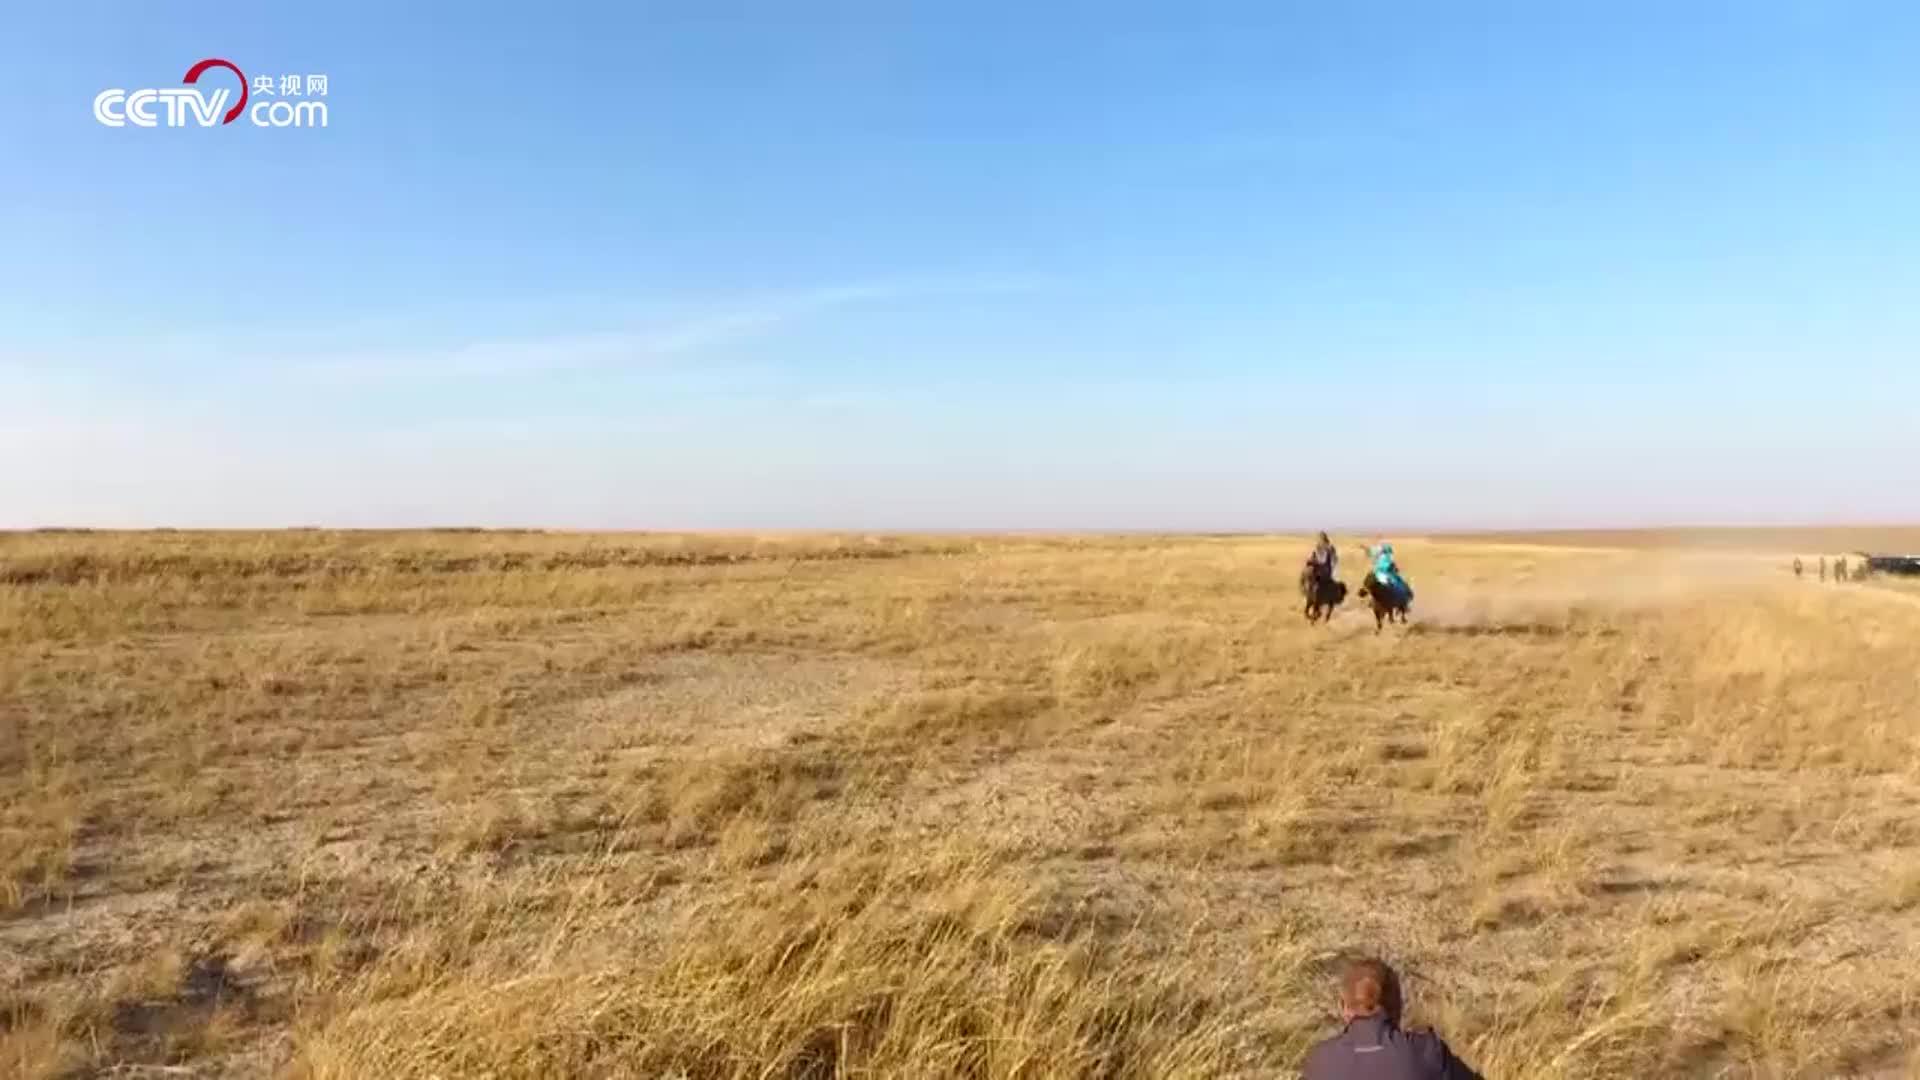 [视频]草原如画,生活如诗!